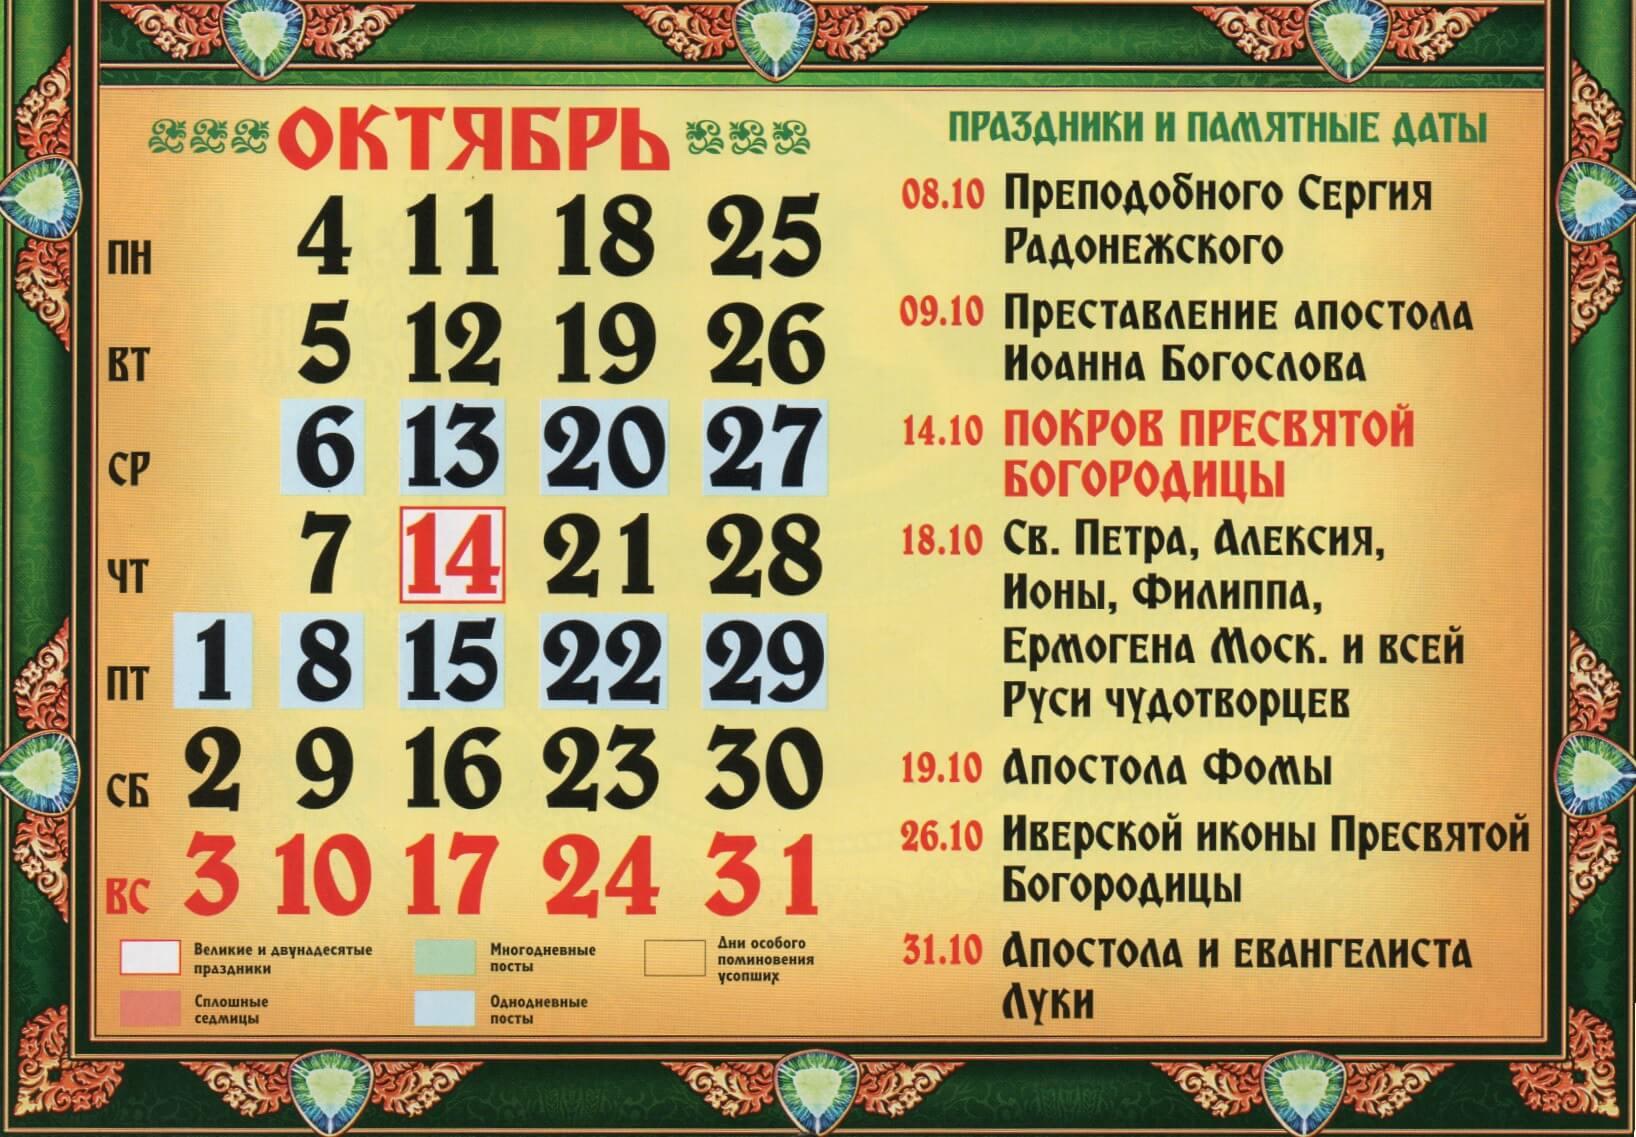 Православные церковные праздники в октябре 2021 года